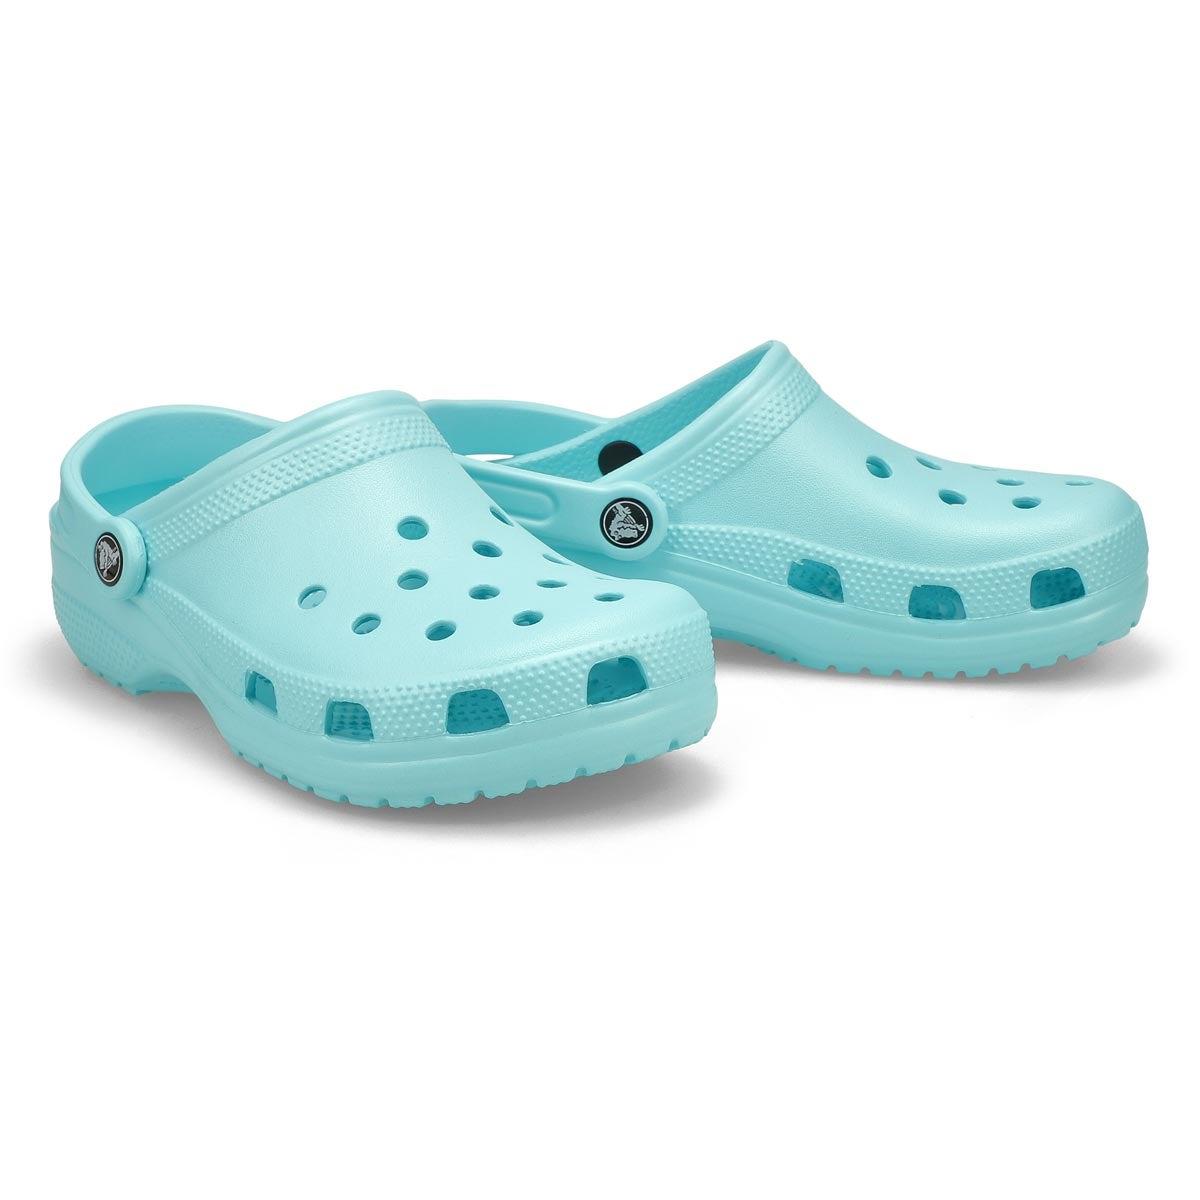 Women's Classic EVA Comfort Clog - Ice Blue